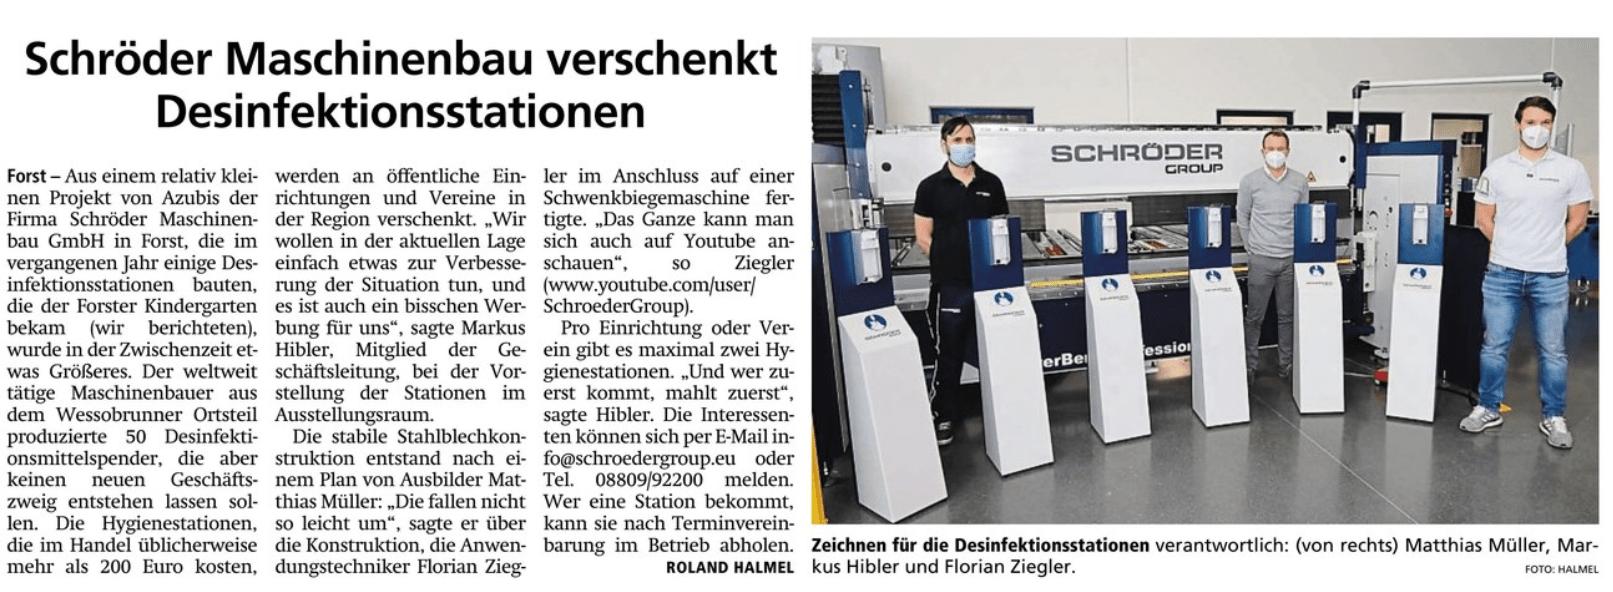 2020-02-05 Tagblatt Artikel Scröder Desinfektionsstationen